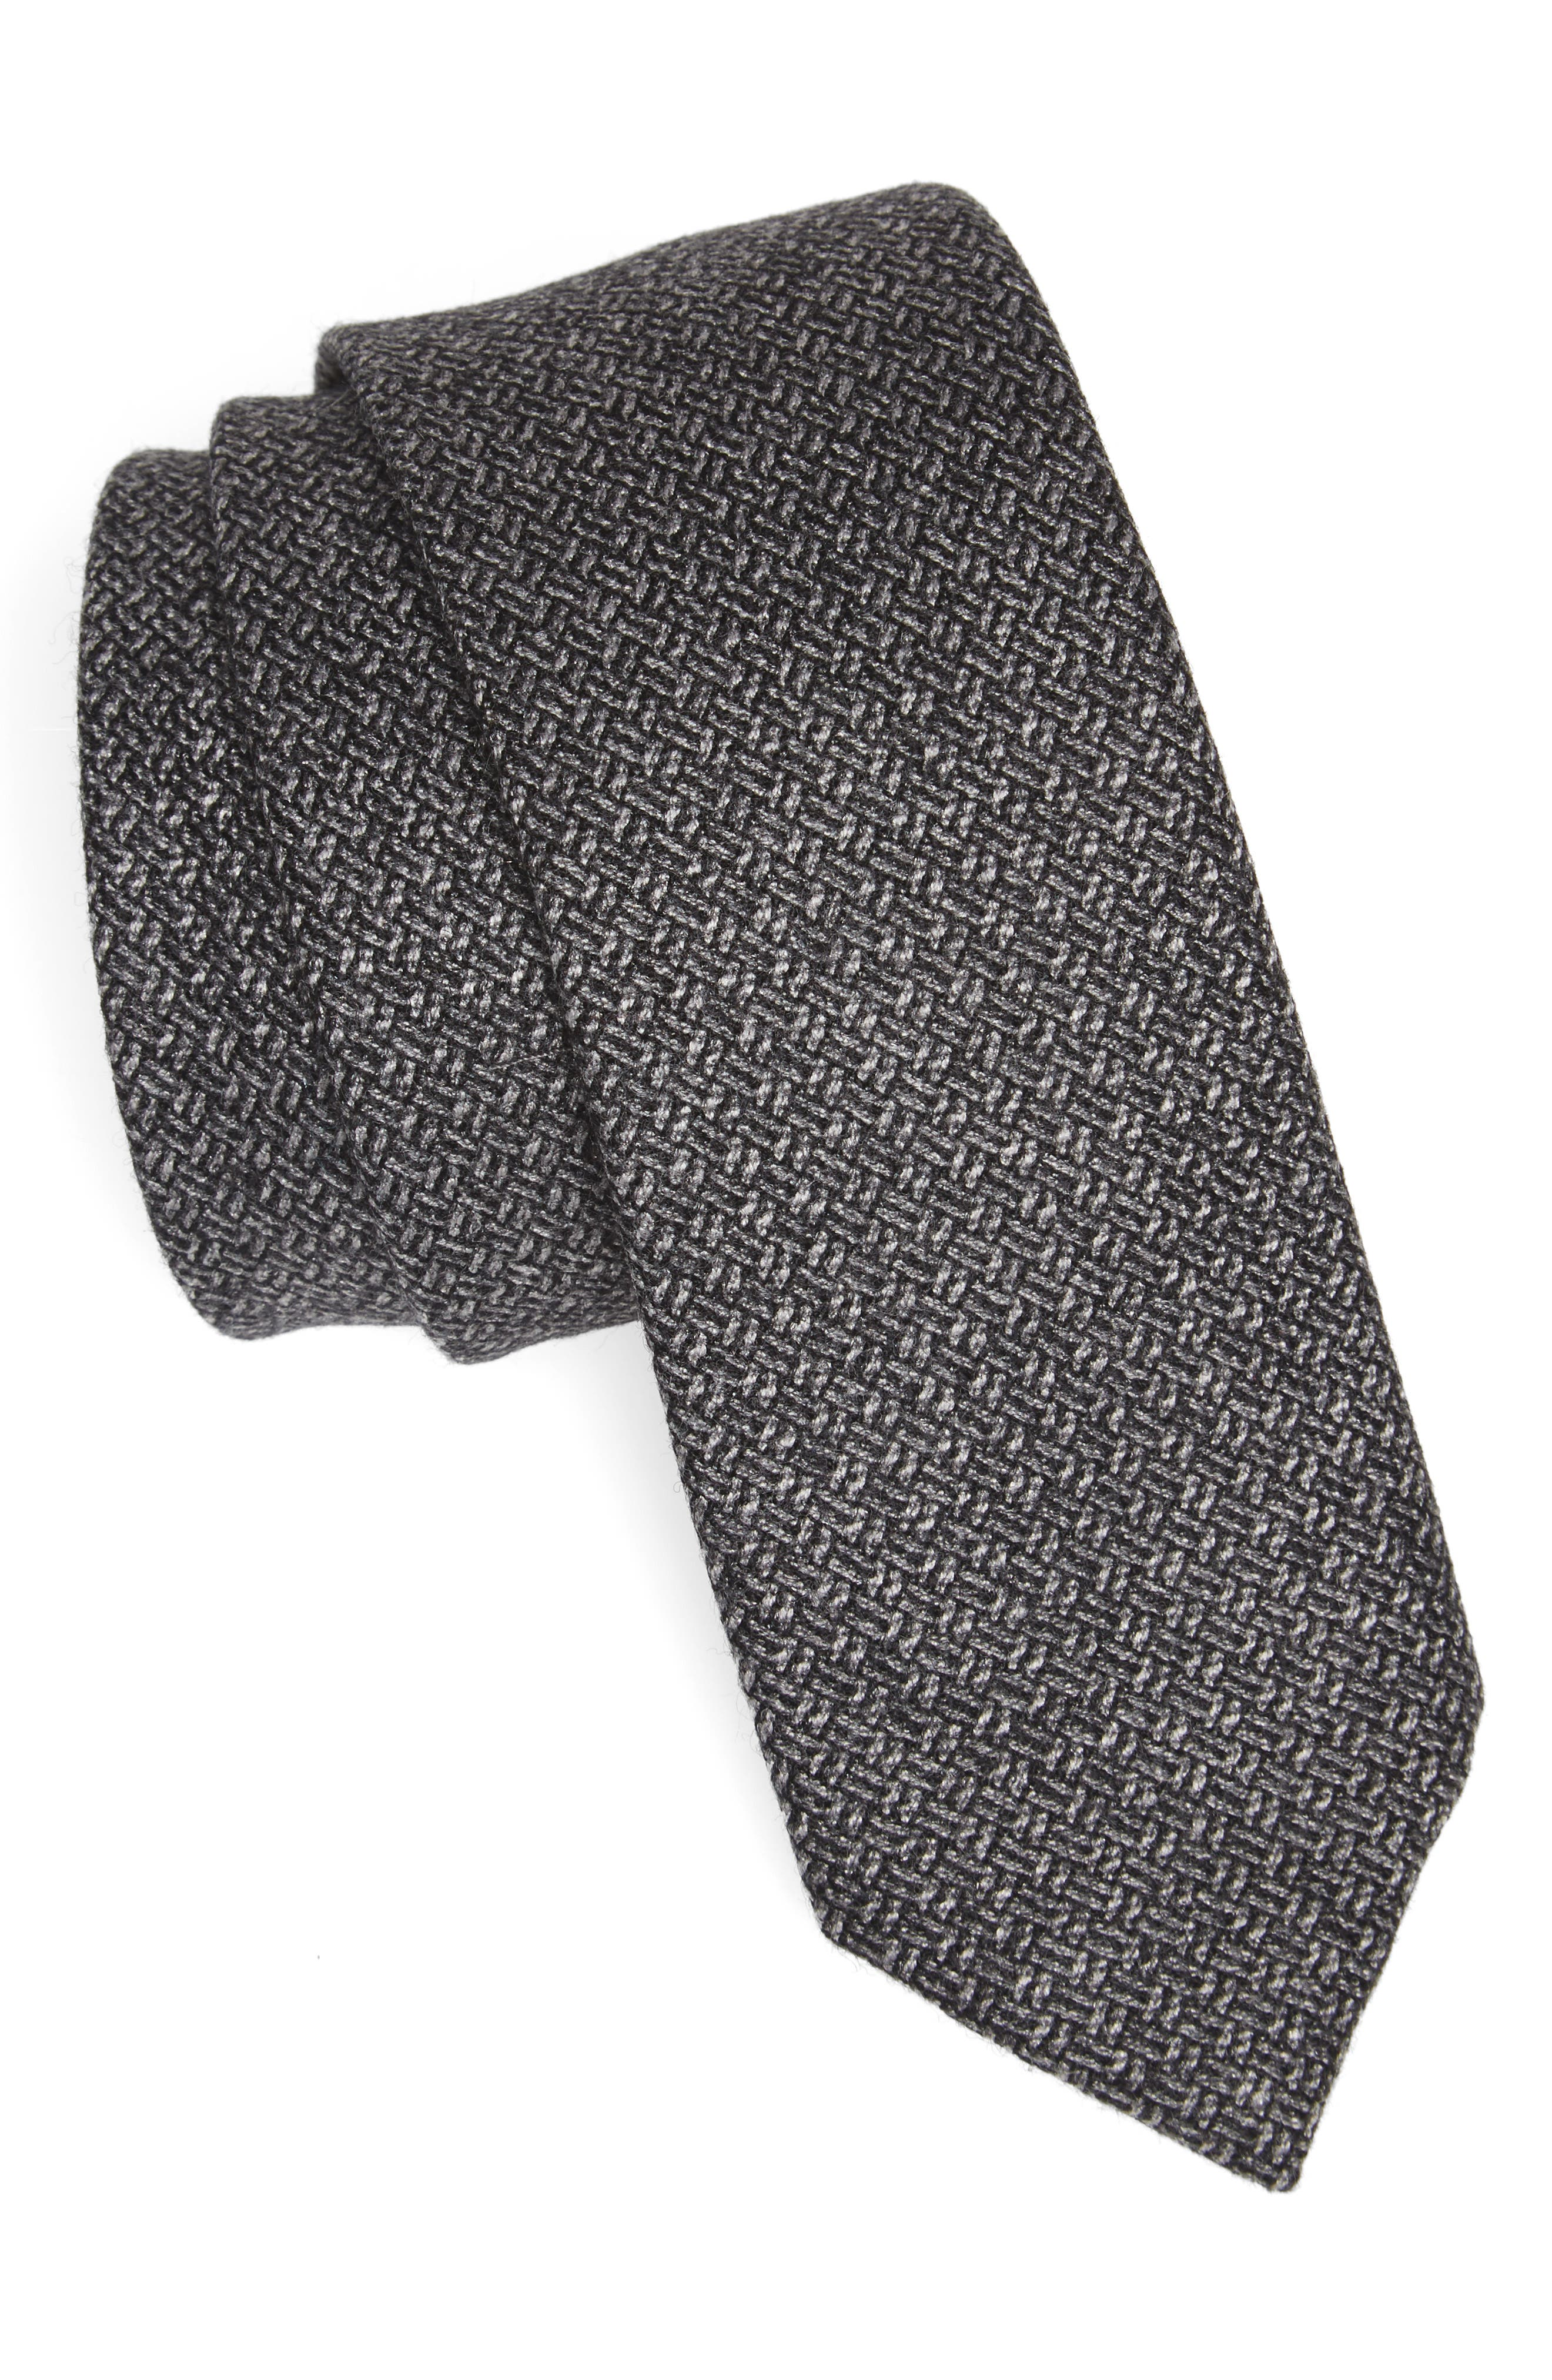 Blackboard Wool Skinny Tie,                         Main,                         color, Grey